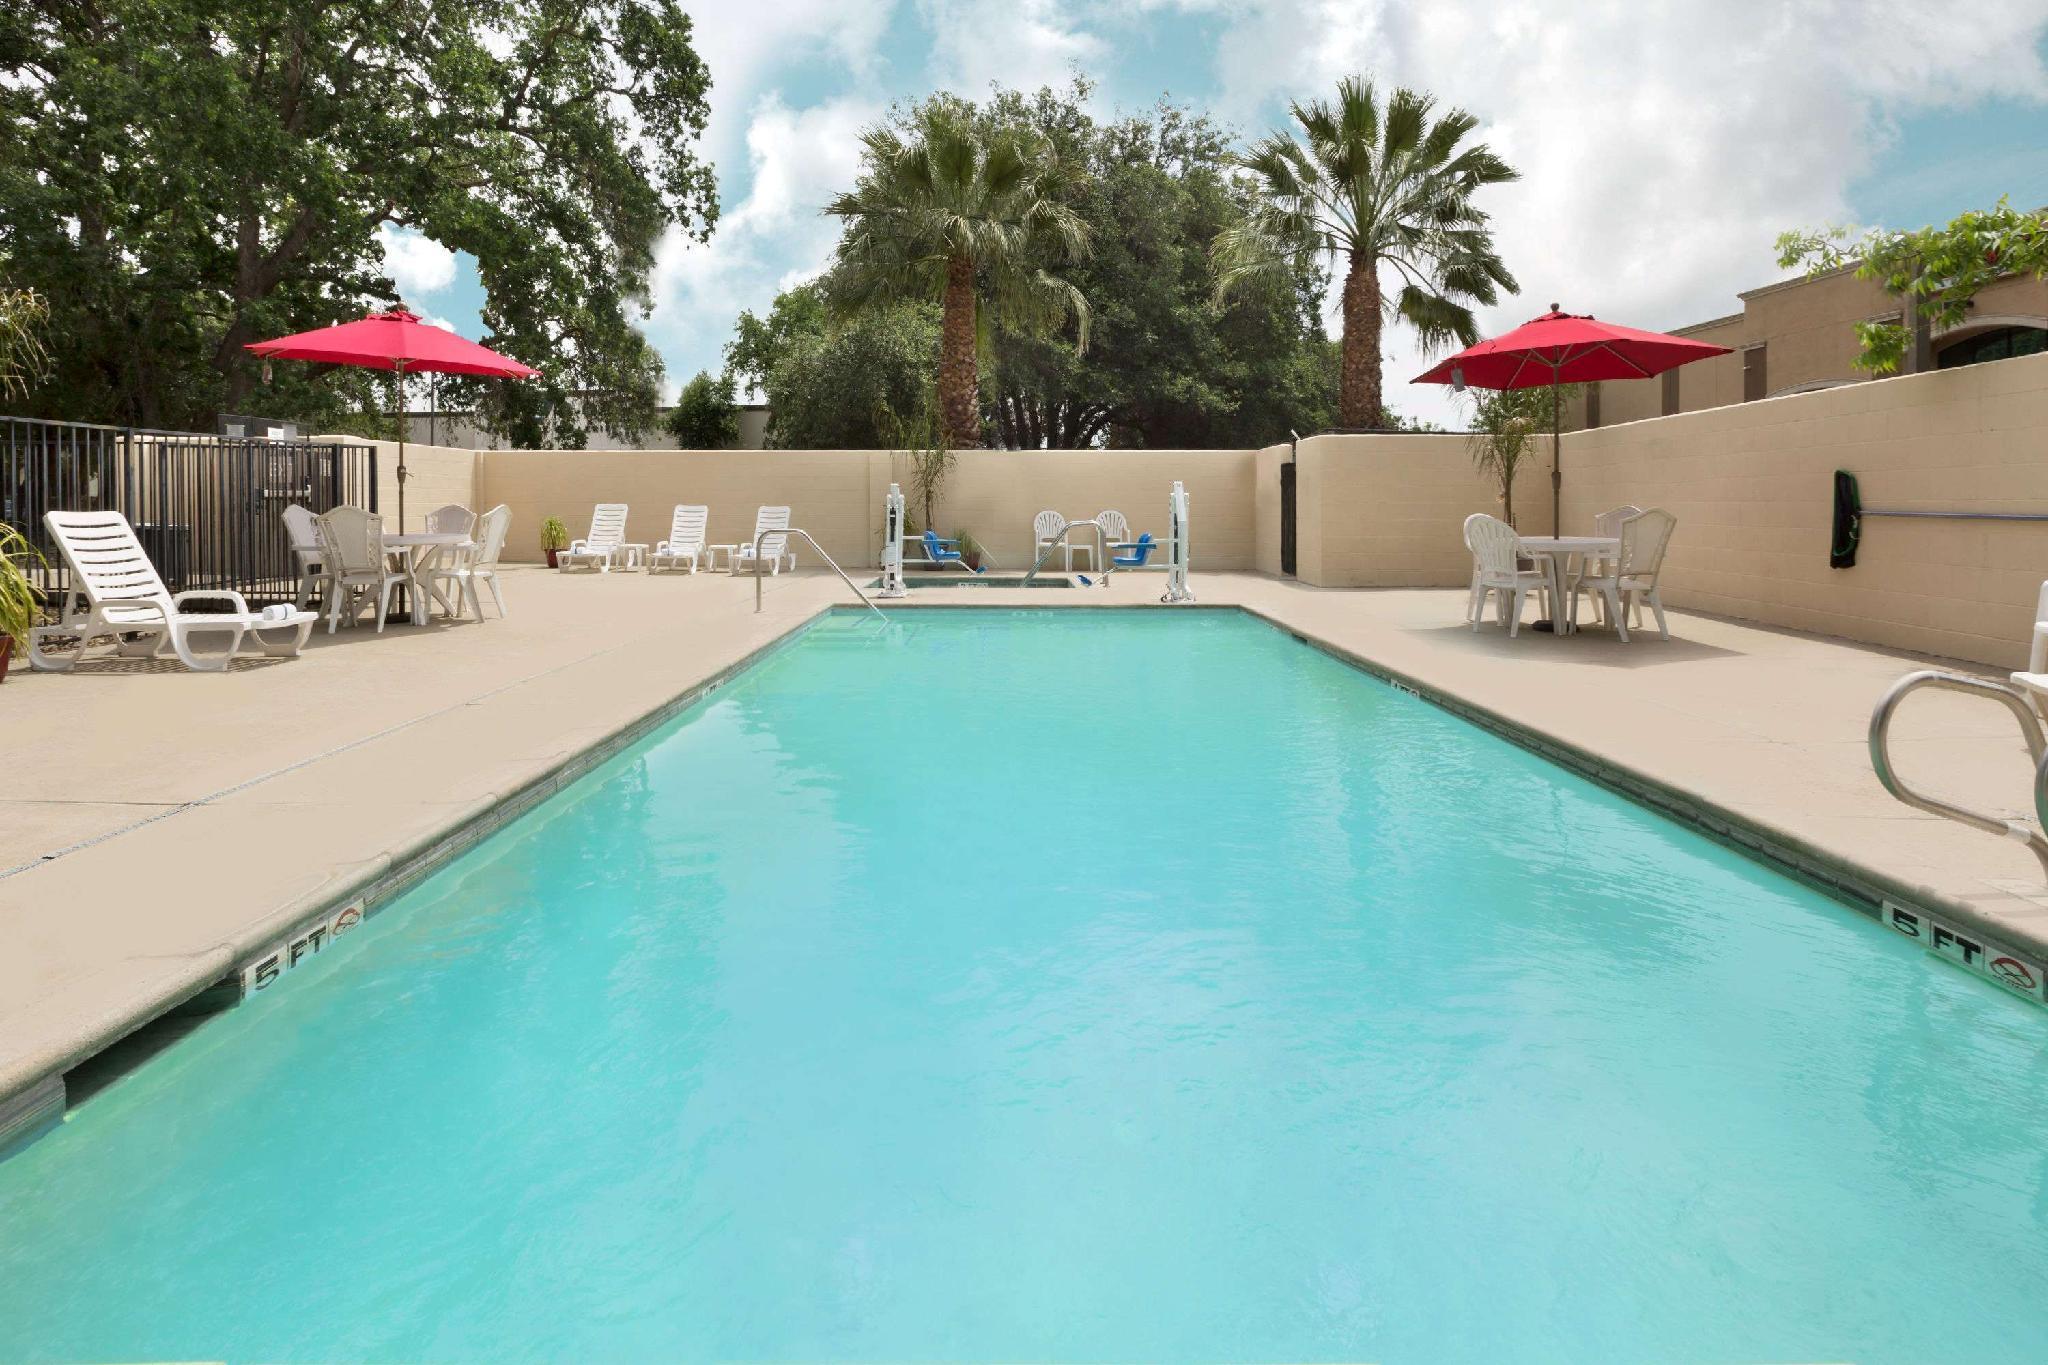 Hawthorn Suites By Wyndham Rancho Cordova Folsom